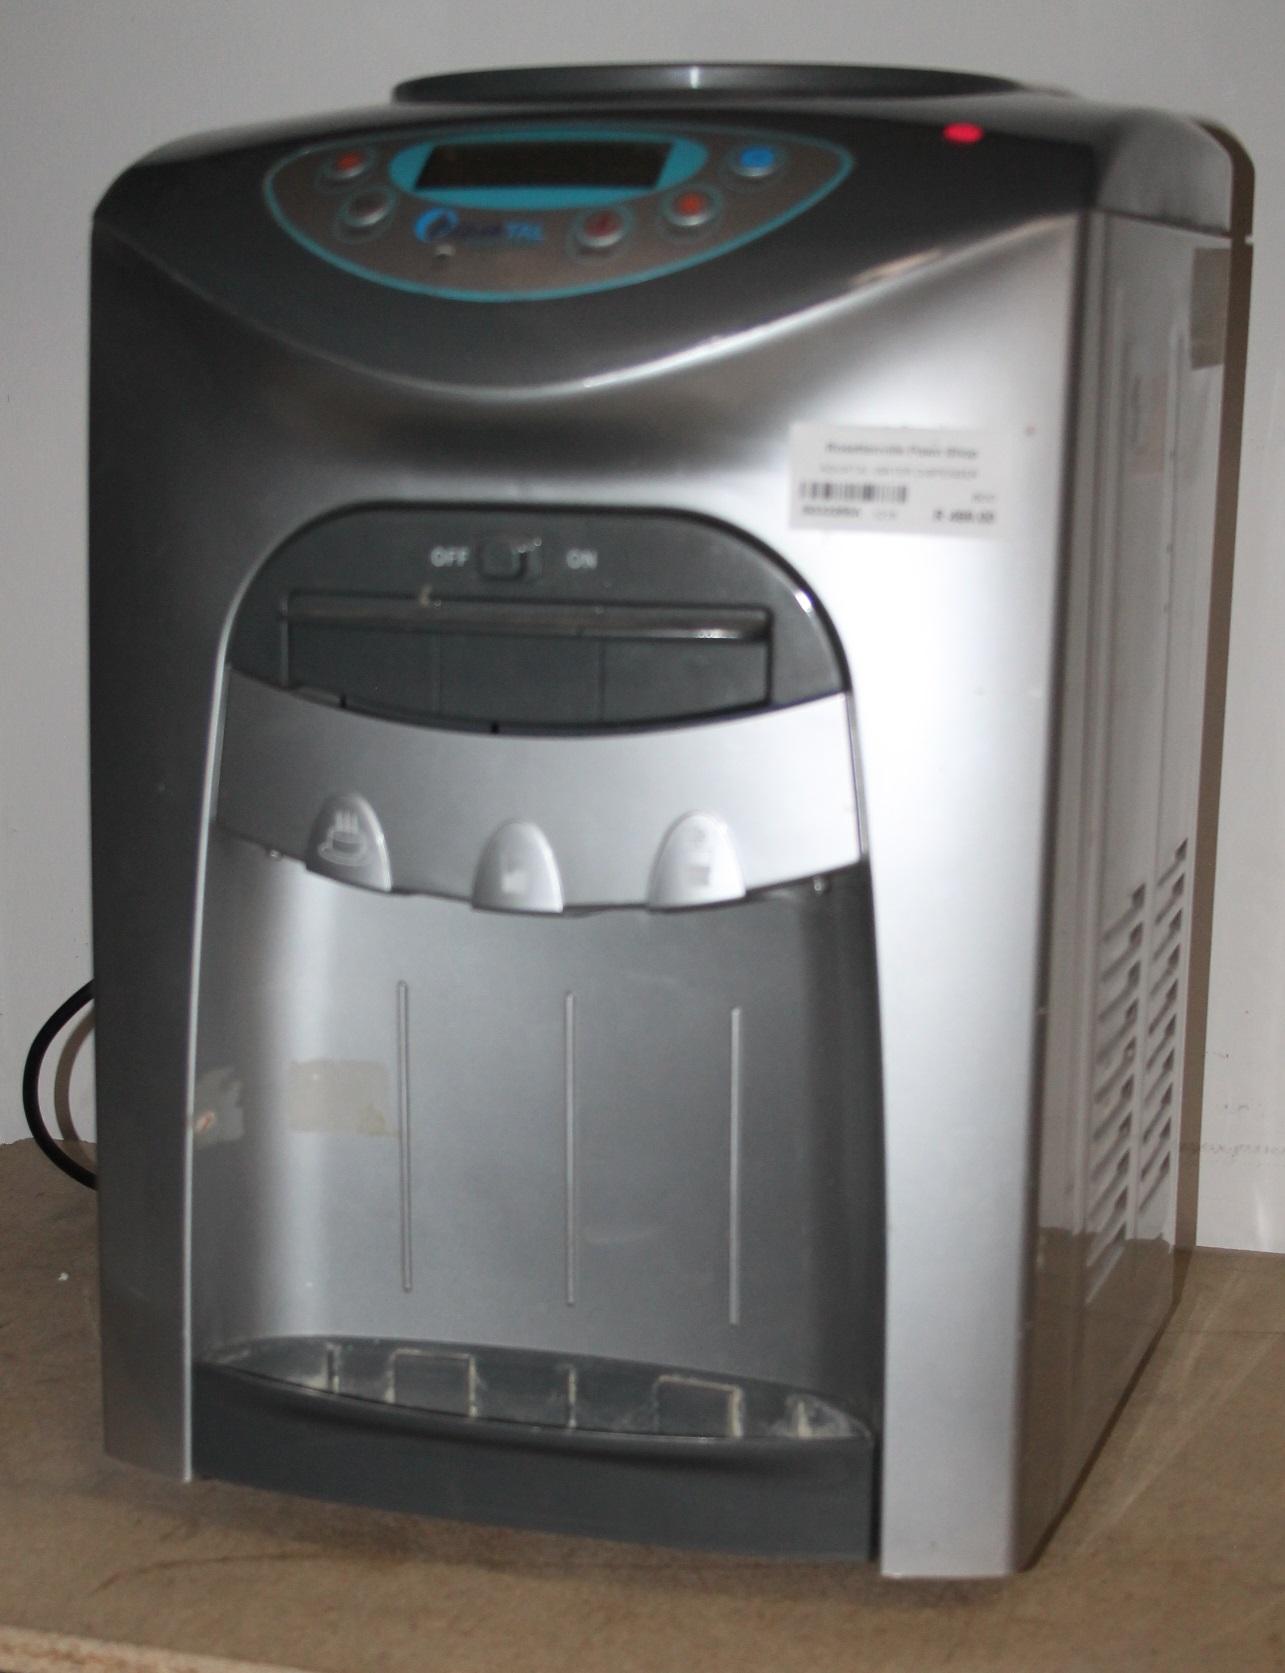 Aquatal water dispenser S032255A #Rosettenvillepawnshop